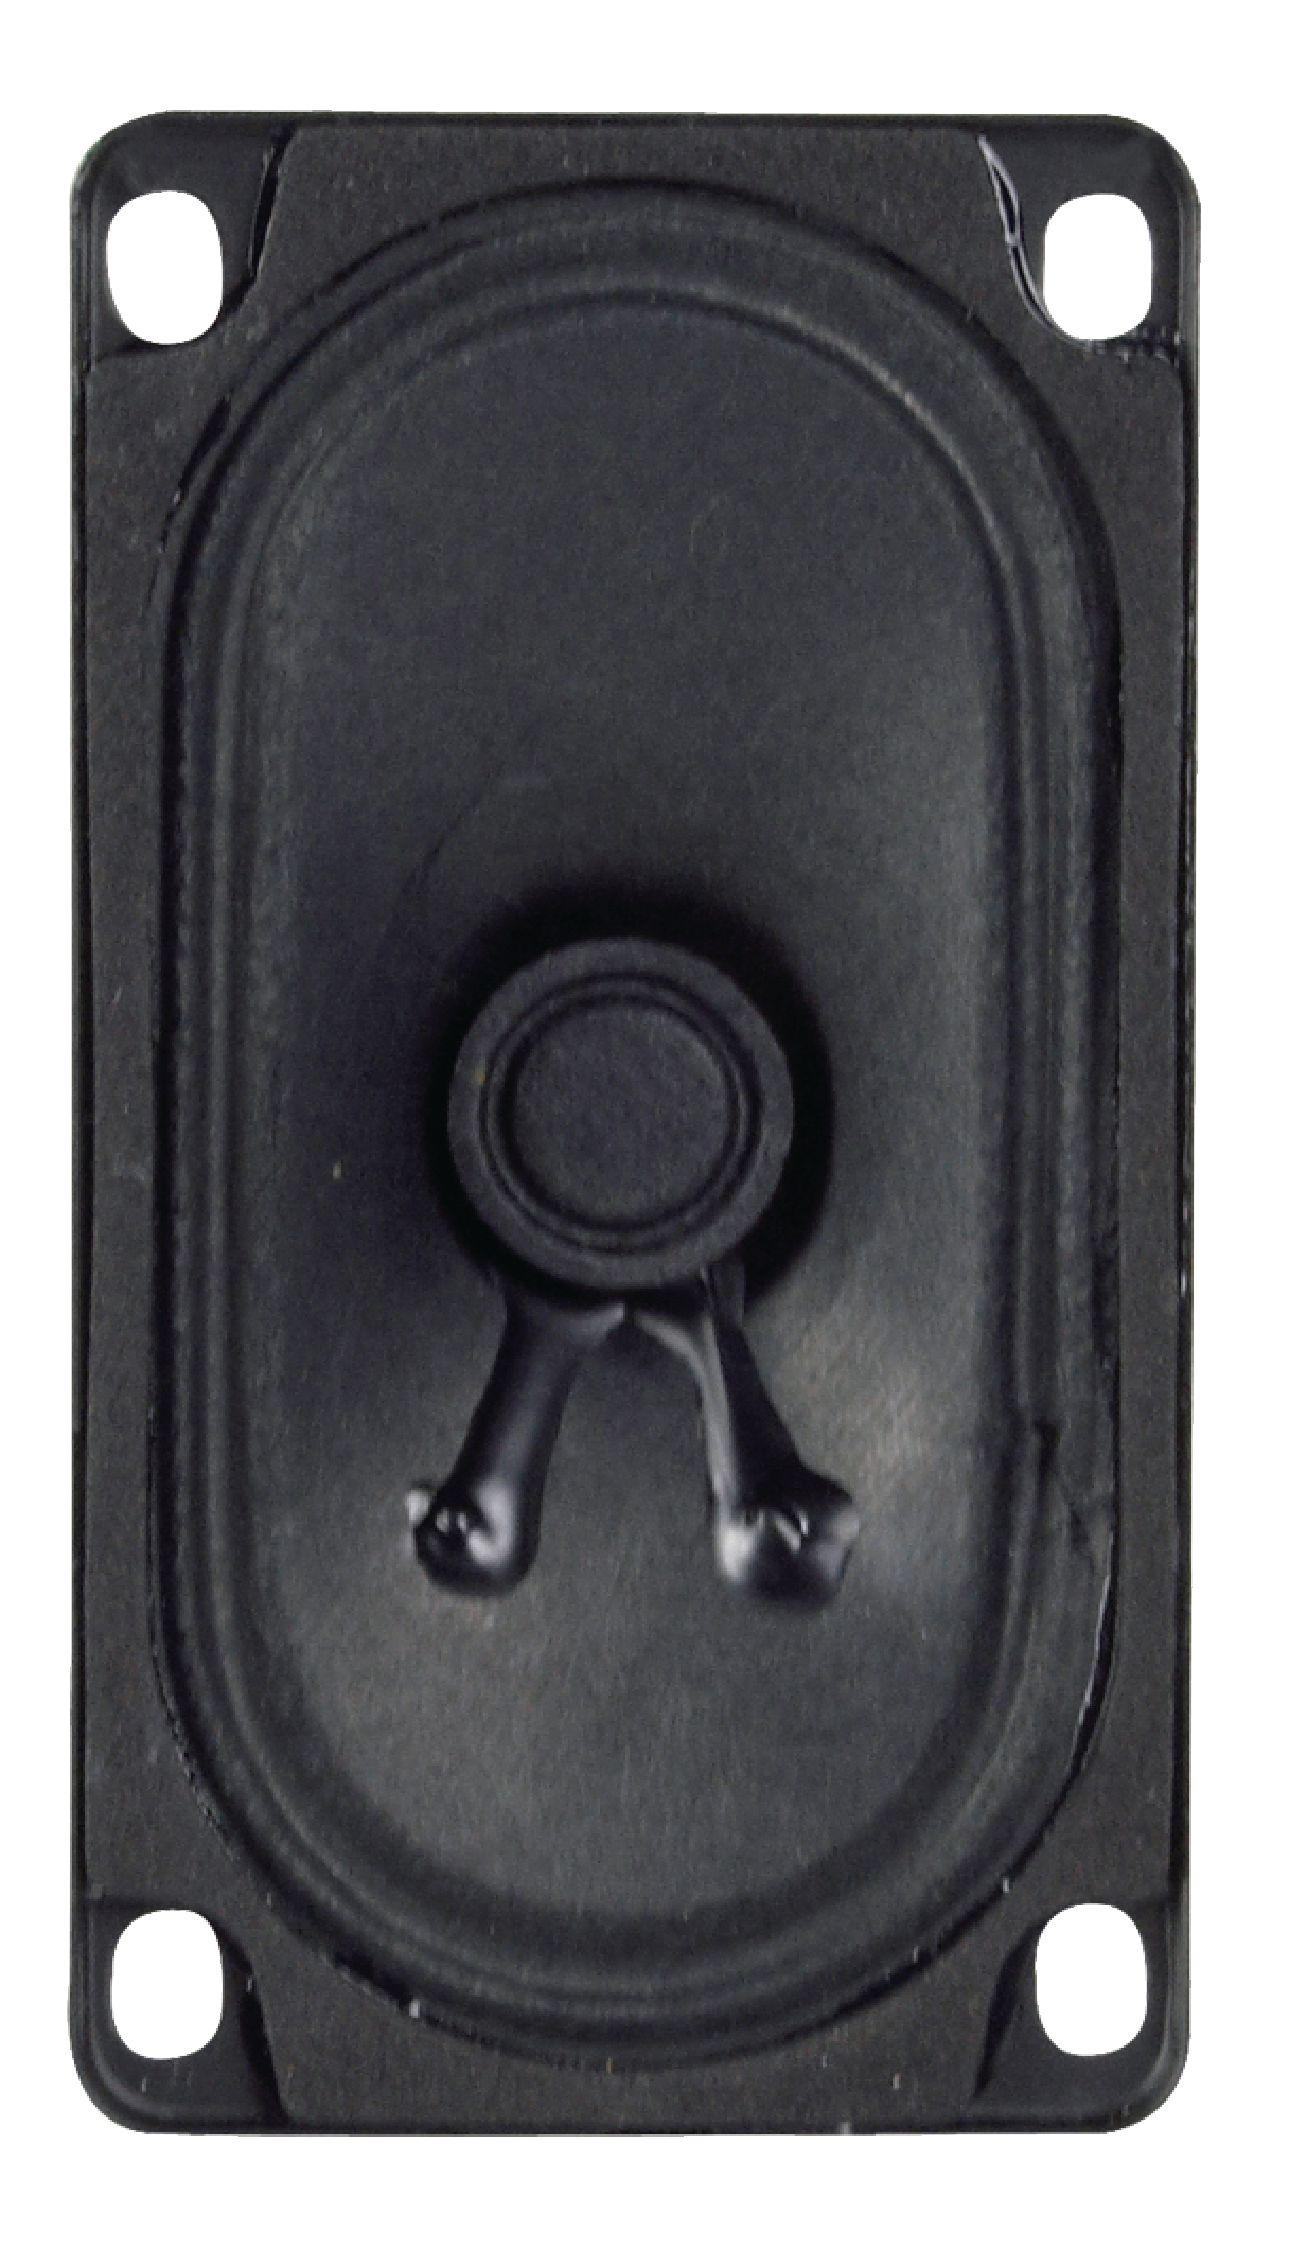 Širokopásmový oválný reproduktor 8 Ohm 4 W Visaton, VS-SC5.9ND/8